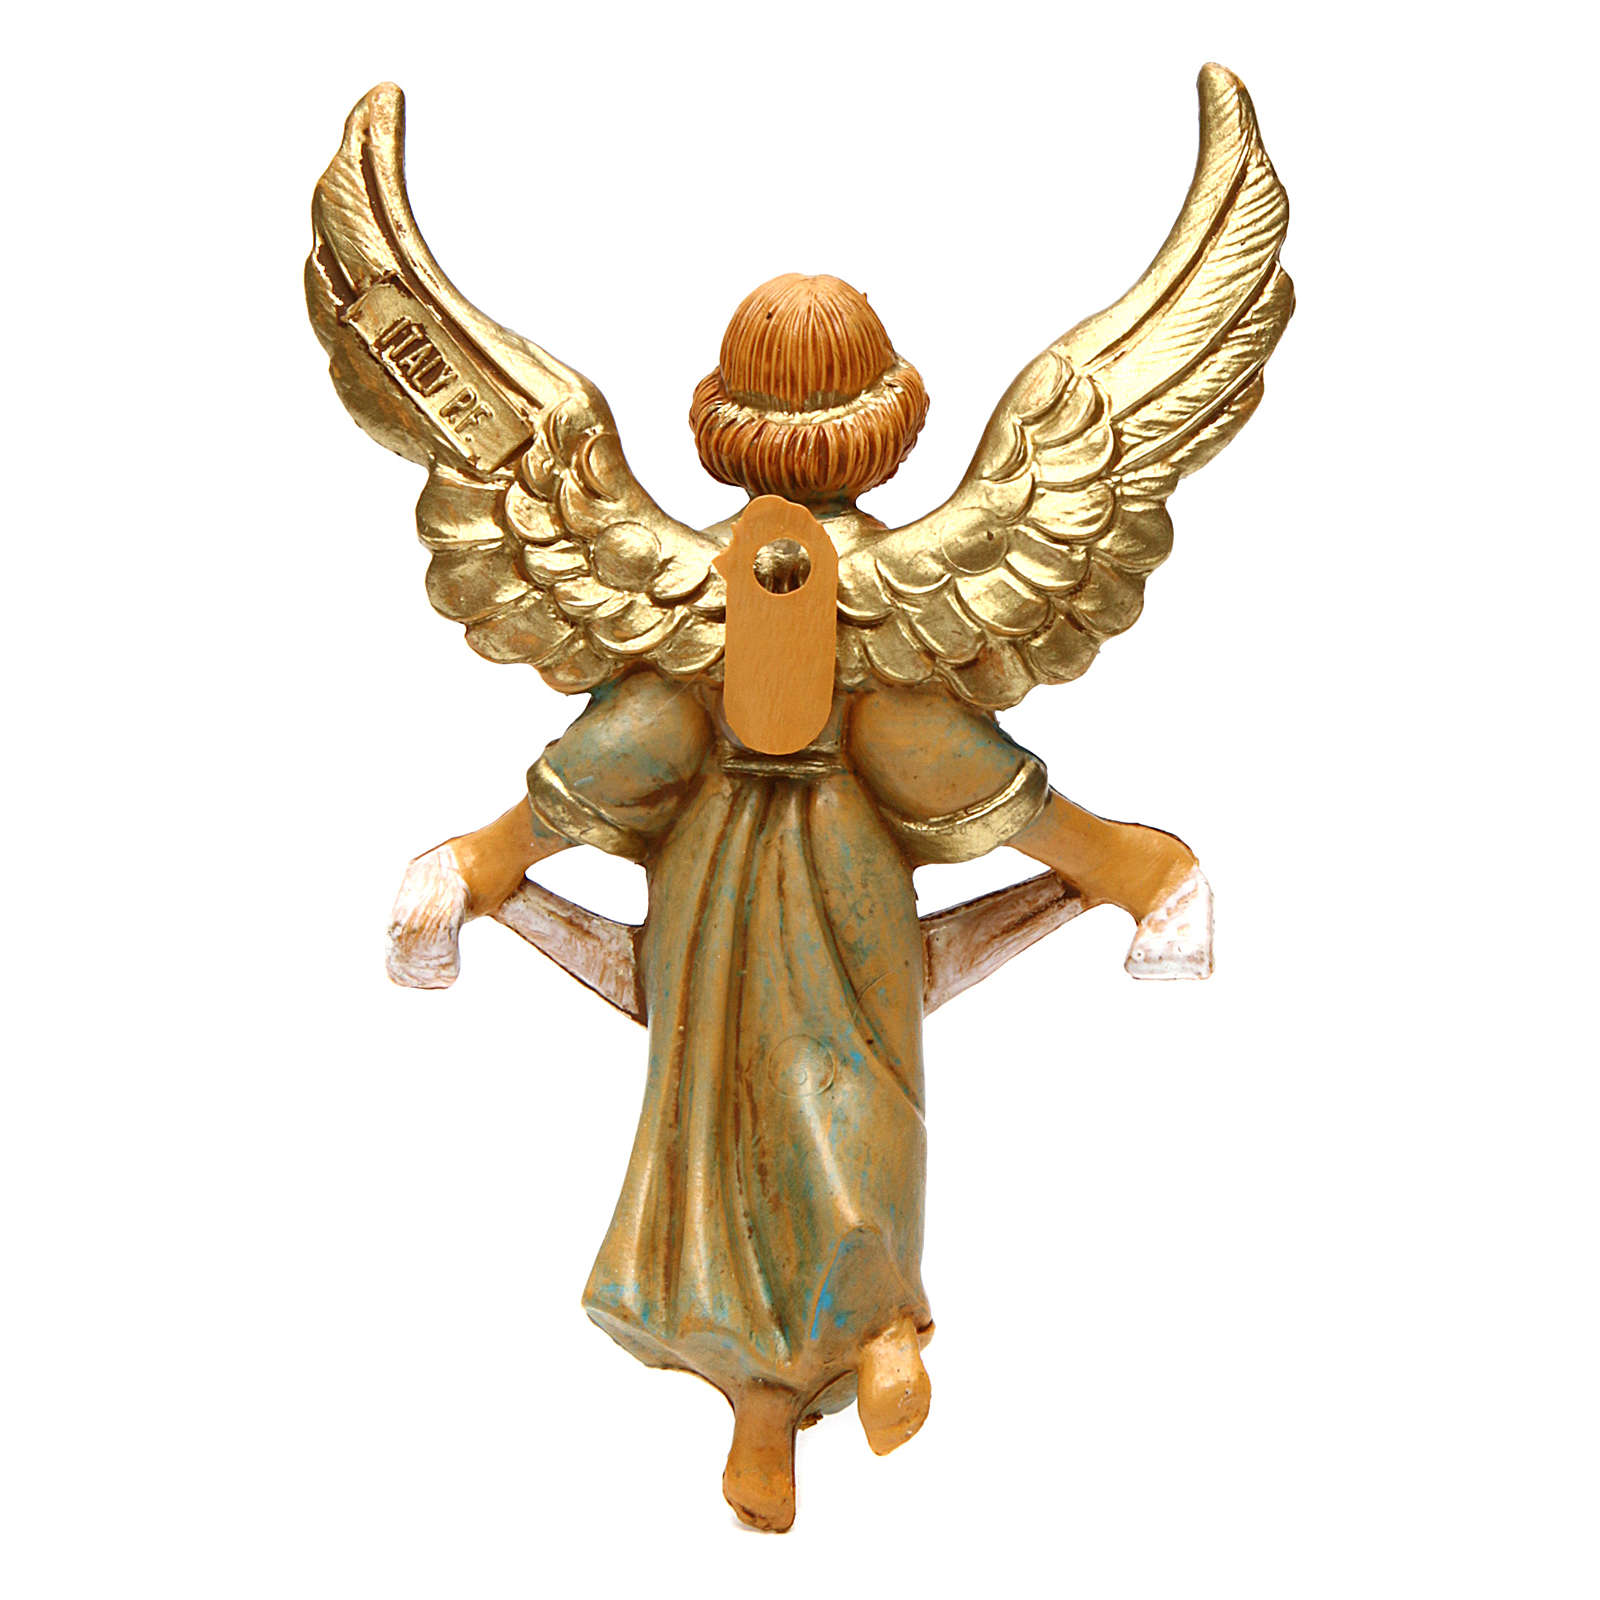 Ángel gloria 12 cm de altura media belén 3